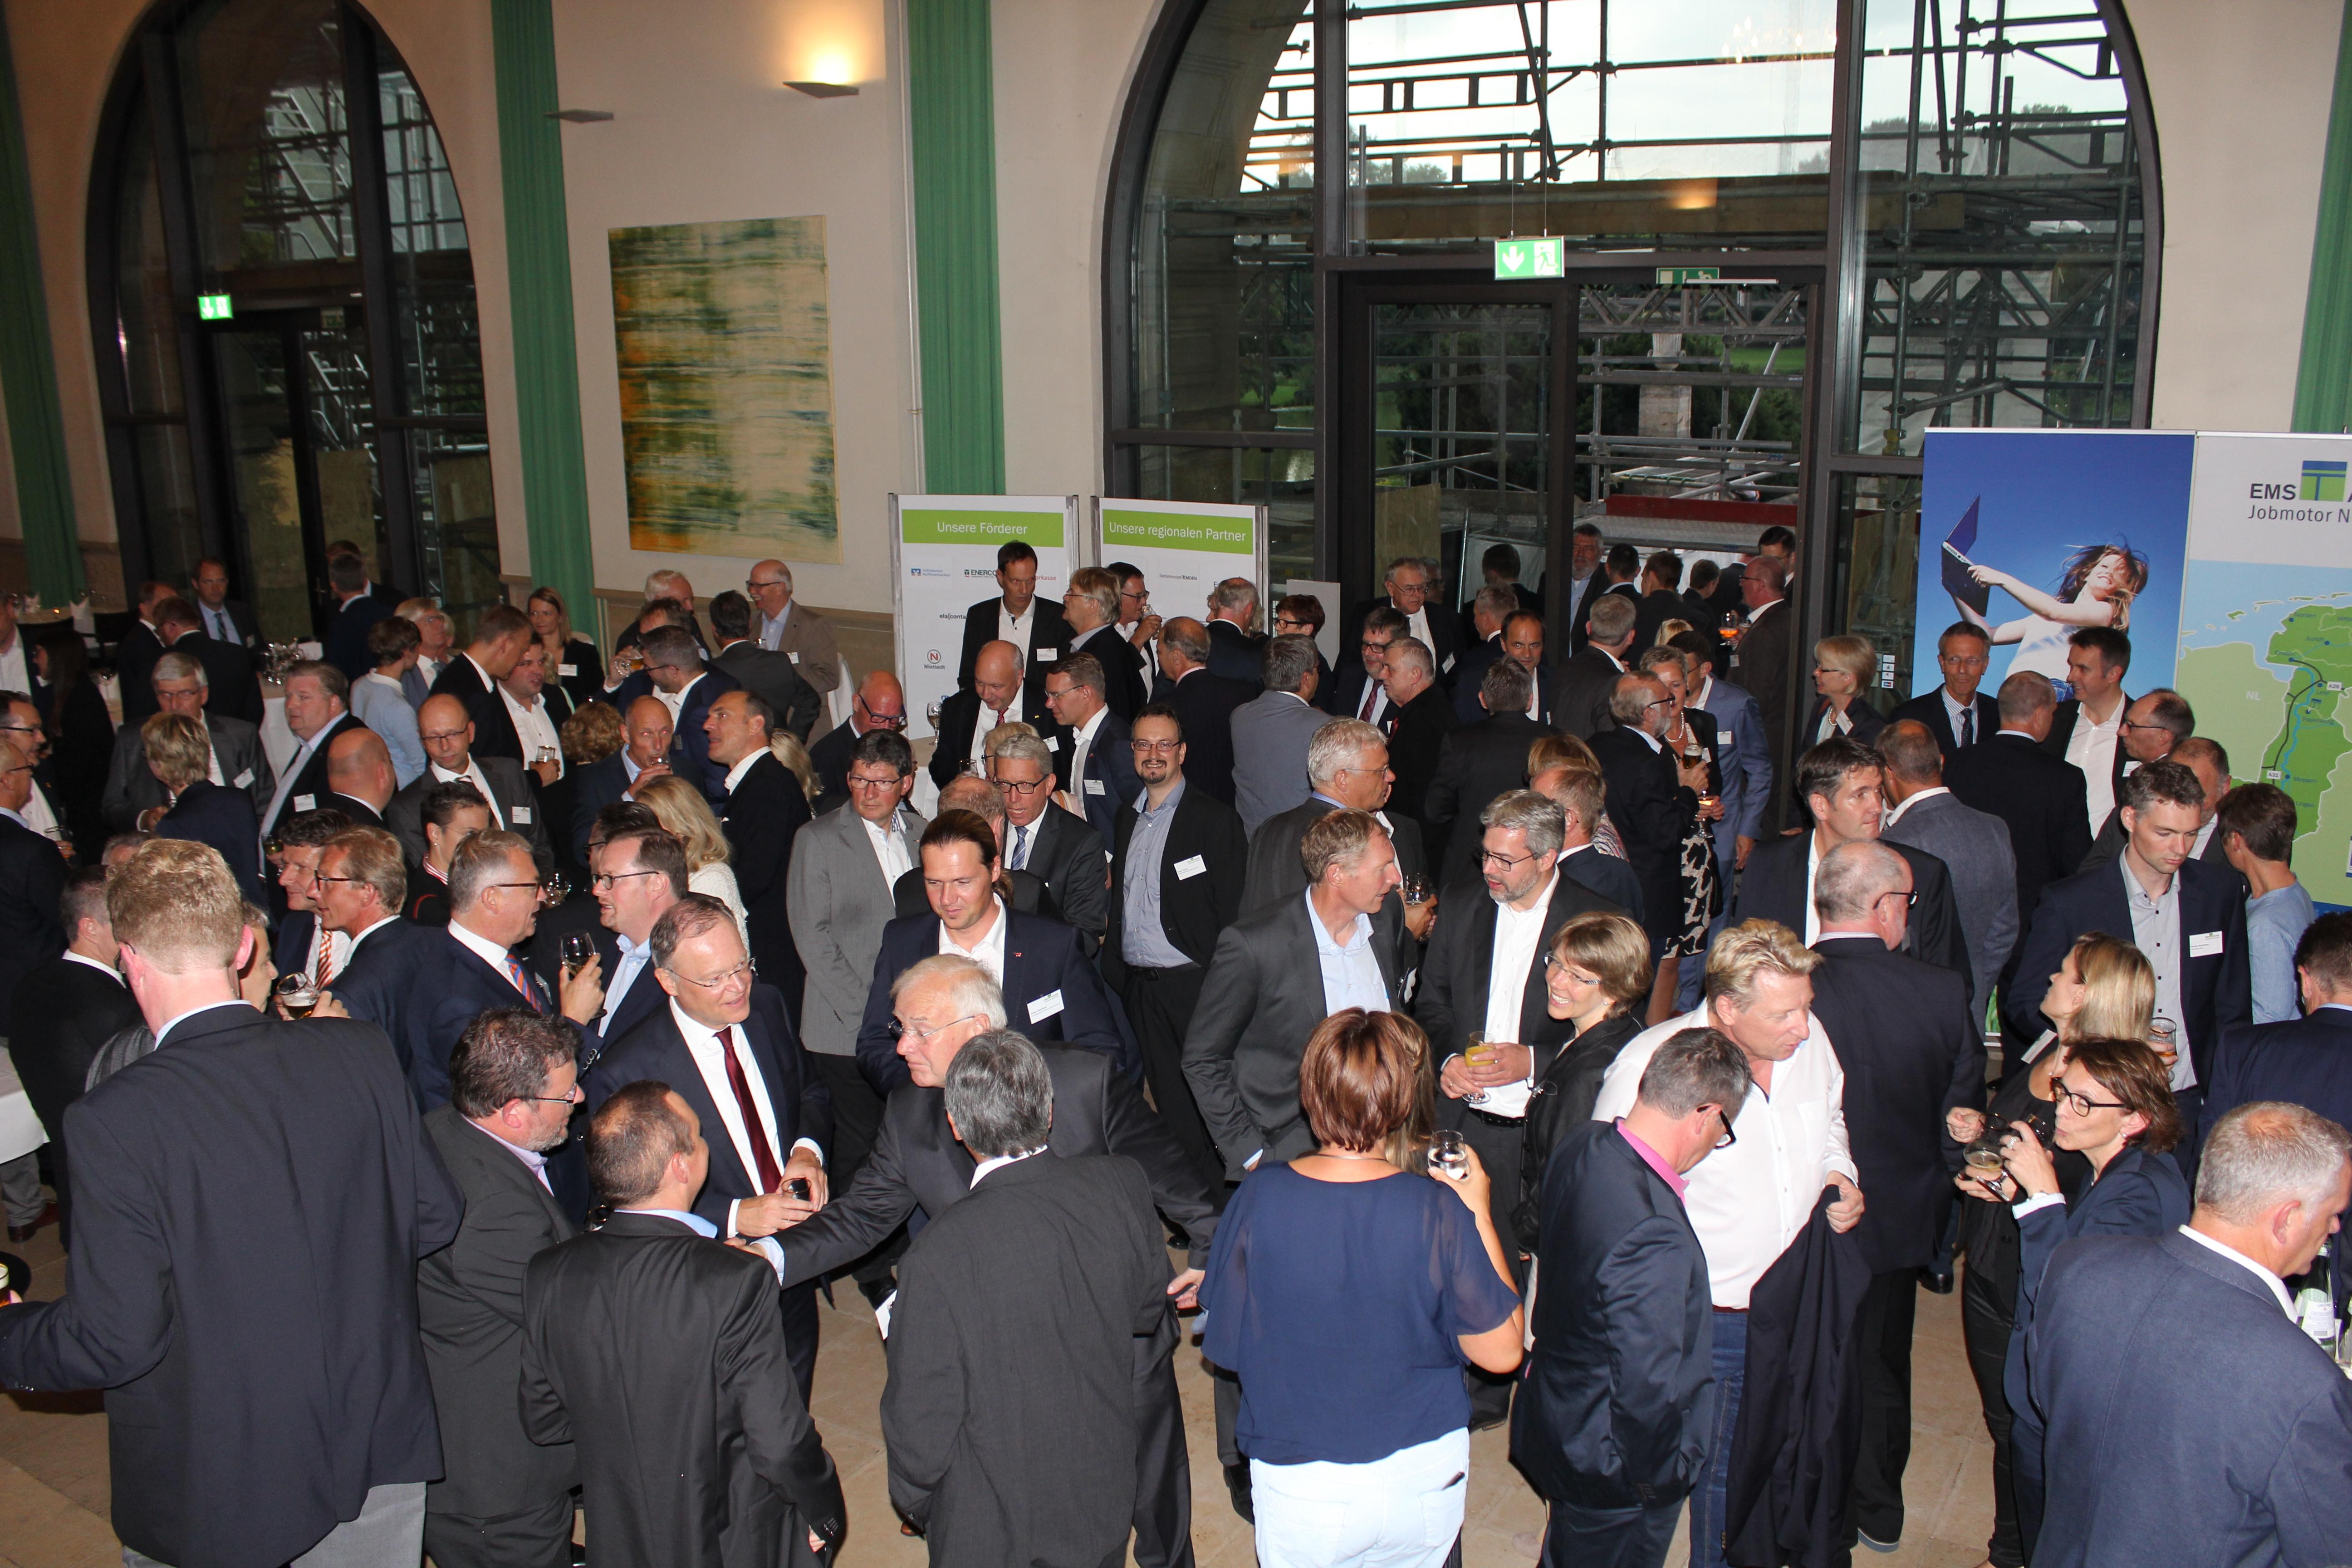 Rund 390 Gäste nahmen am 8. Parlamentarischen Abend der Ems-Achse teil (Foto: Ems-Achse)